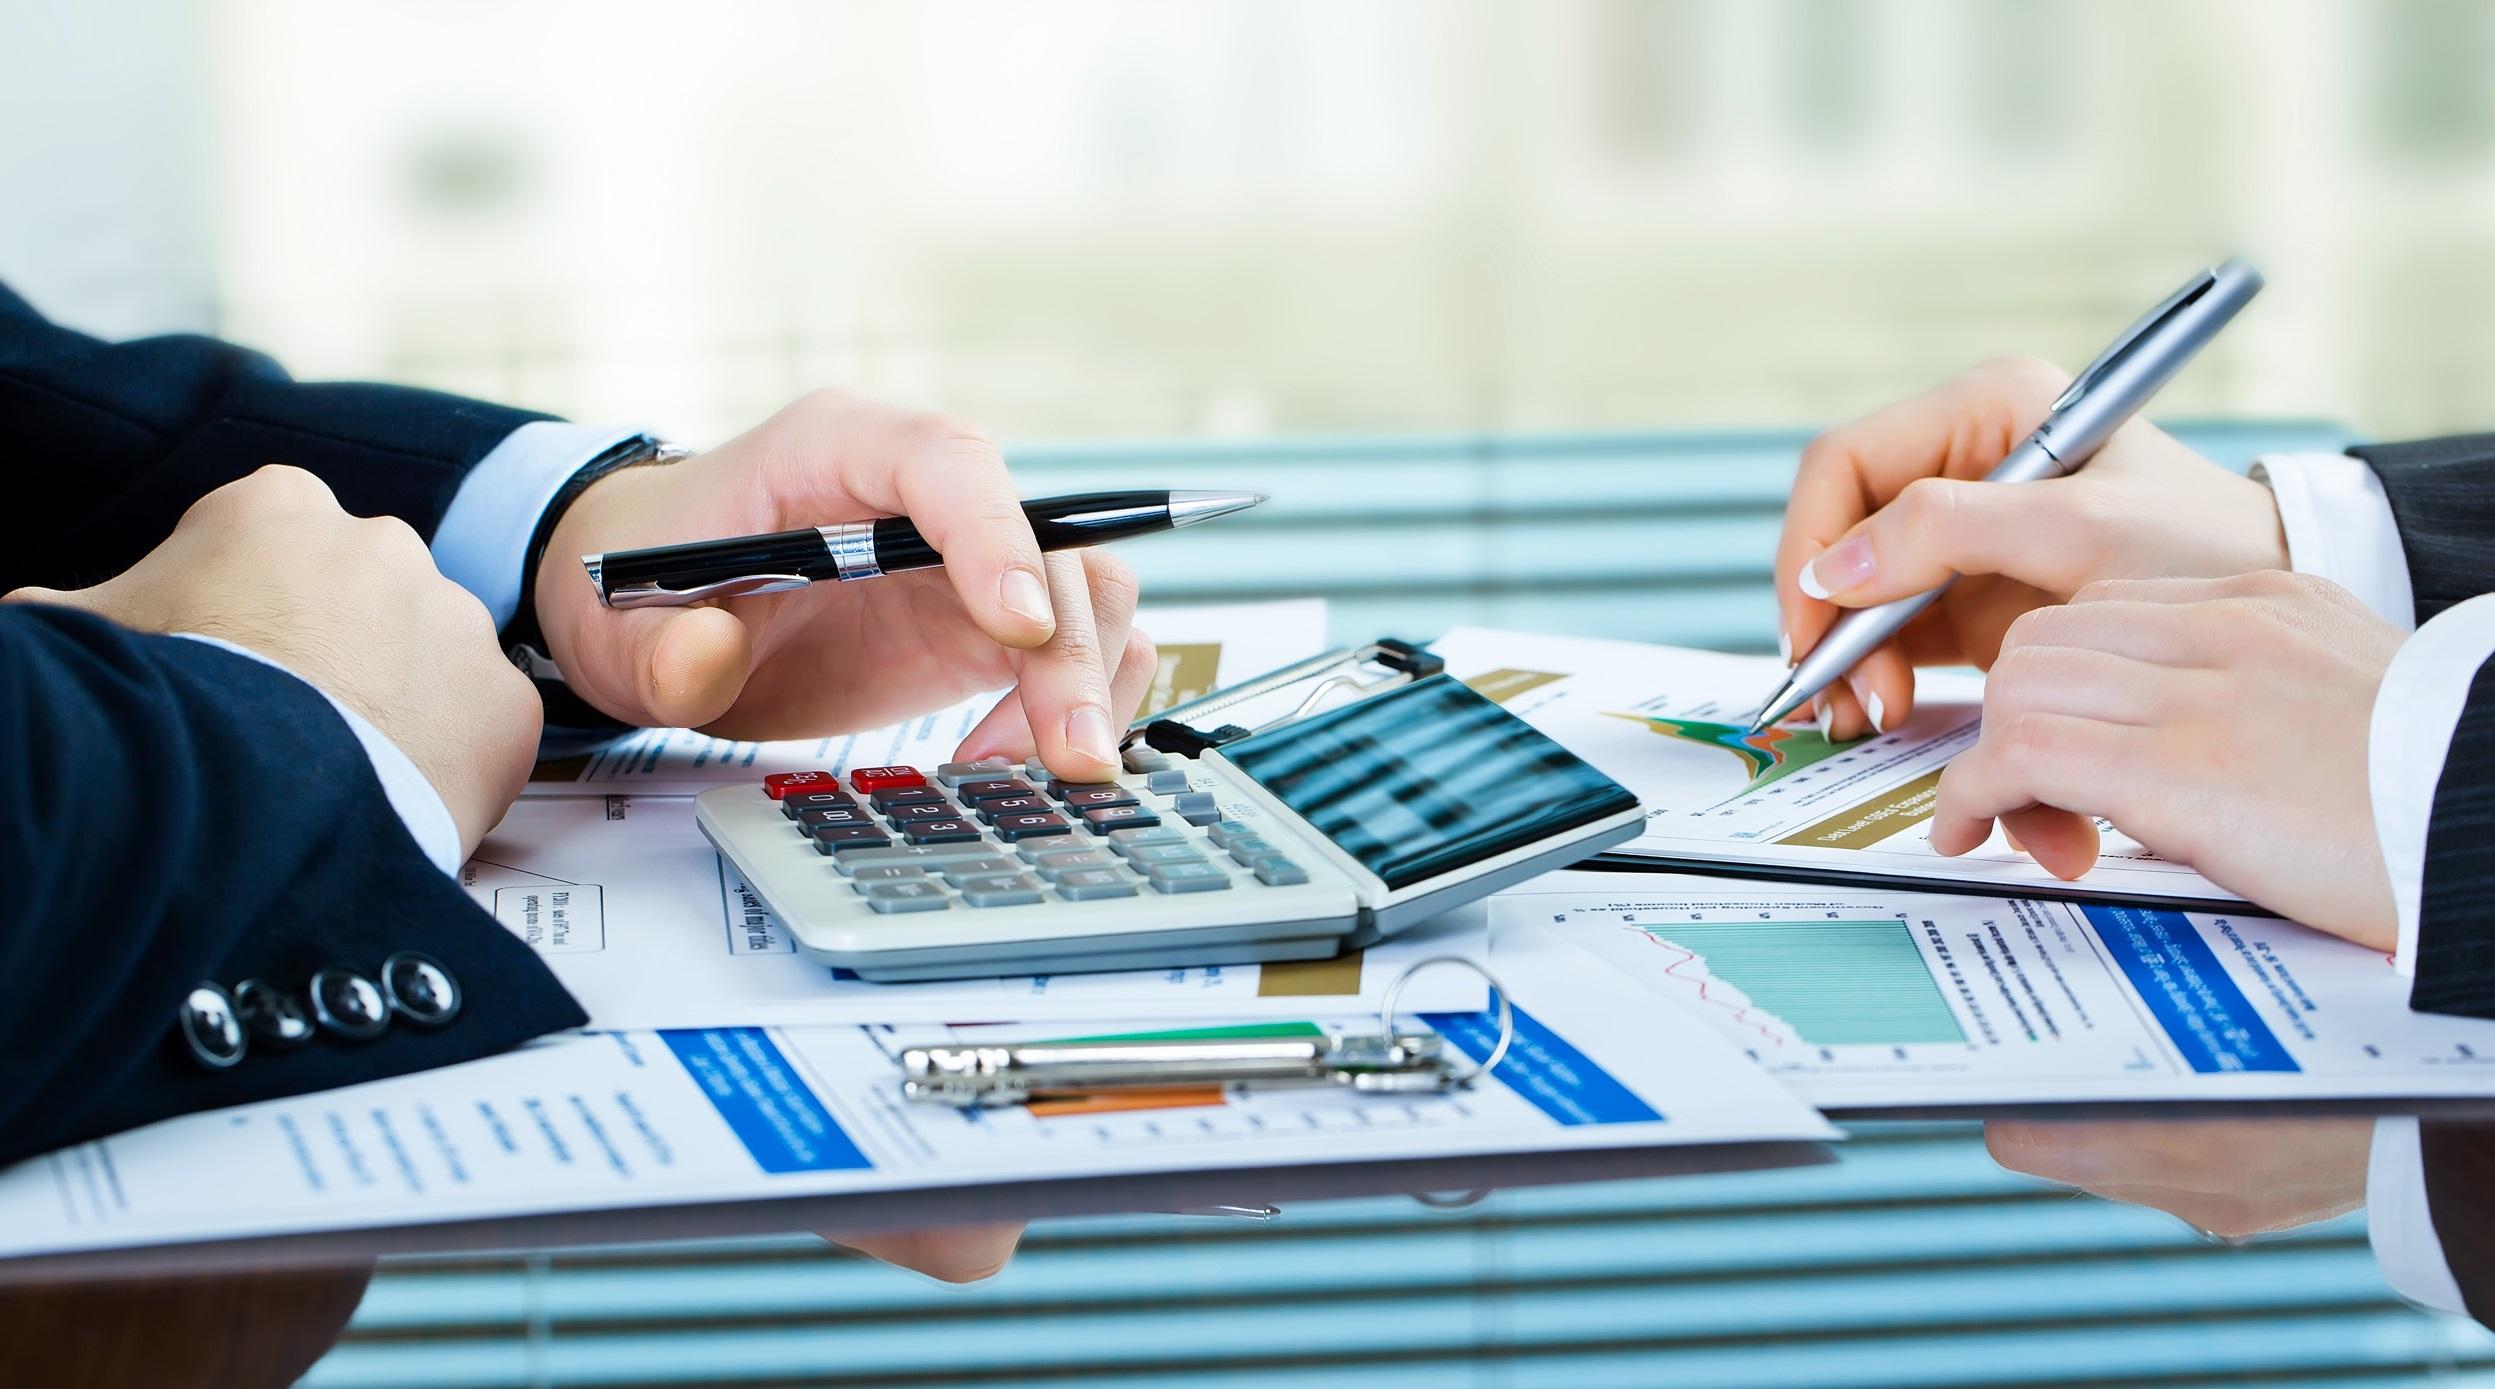 Бесплатные семинары бухгалтеру профессиональный бухгалтер обучение цена